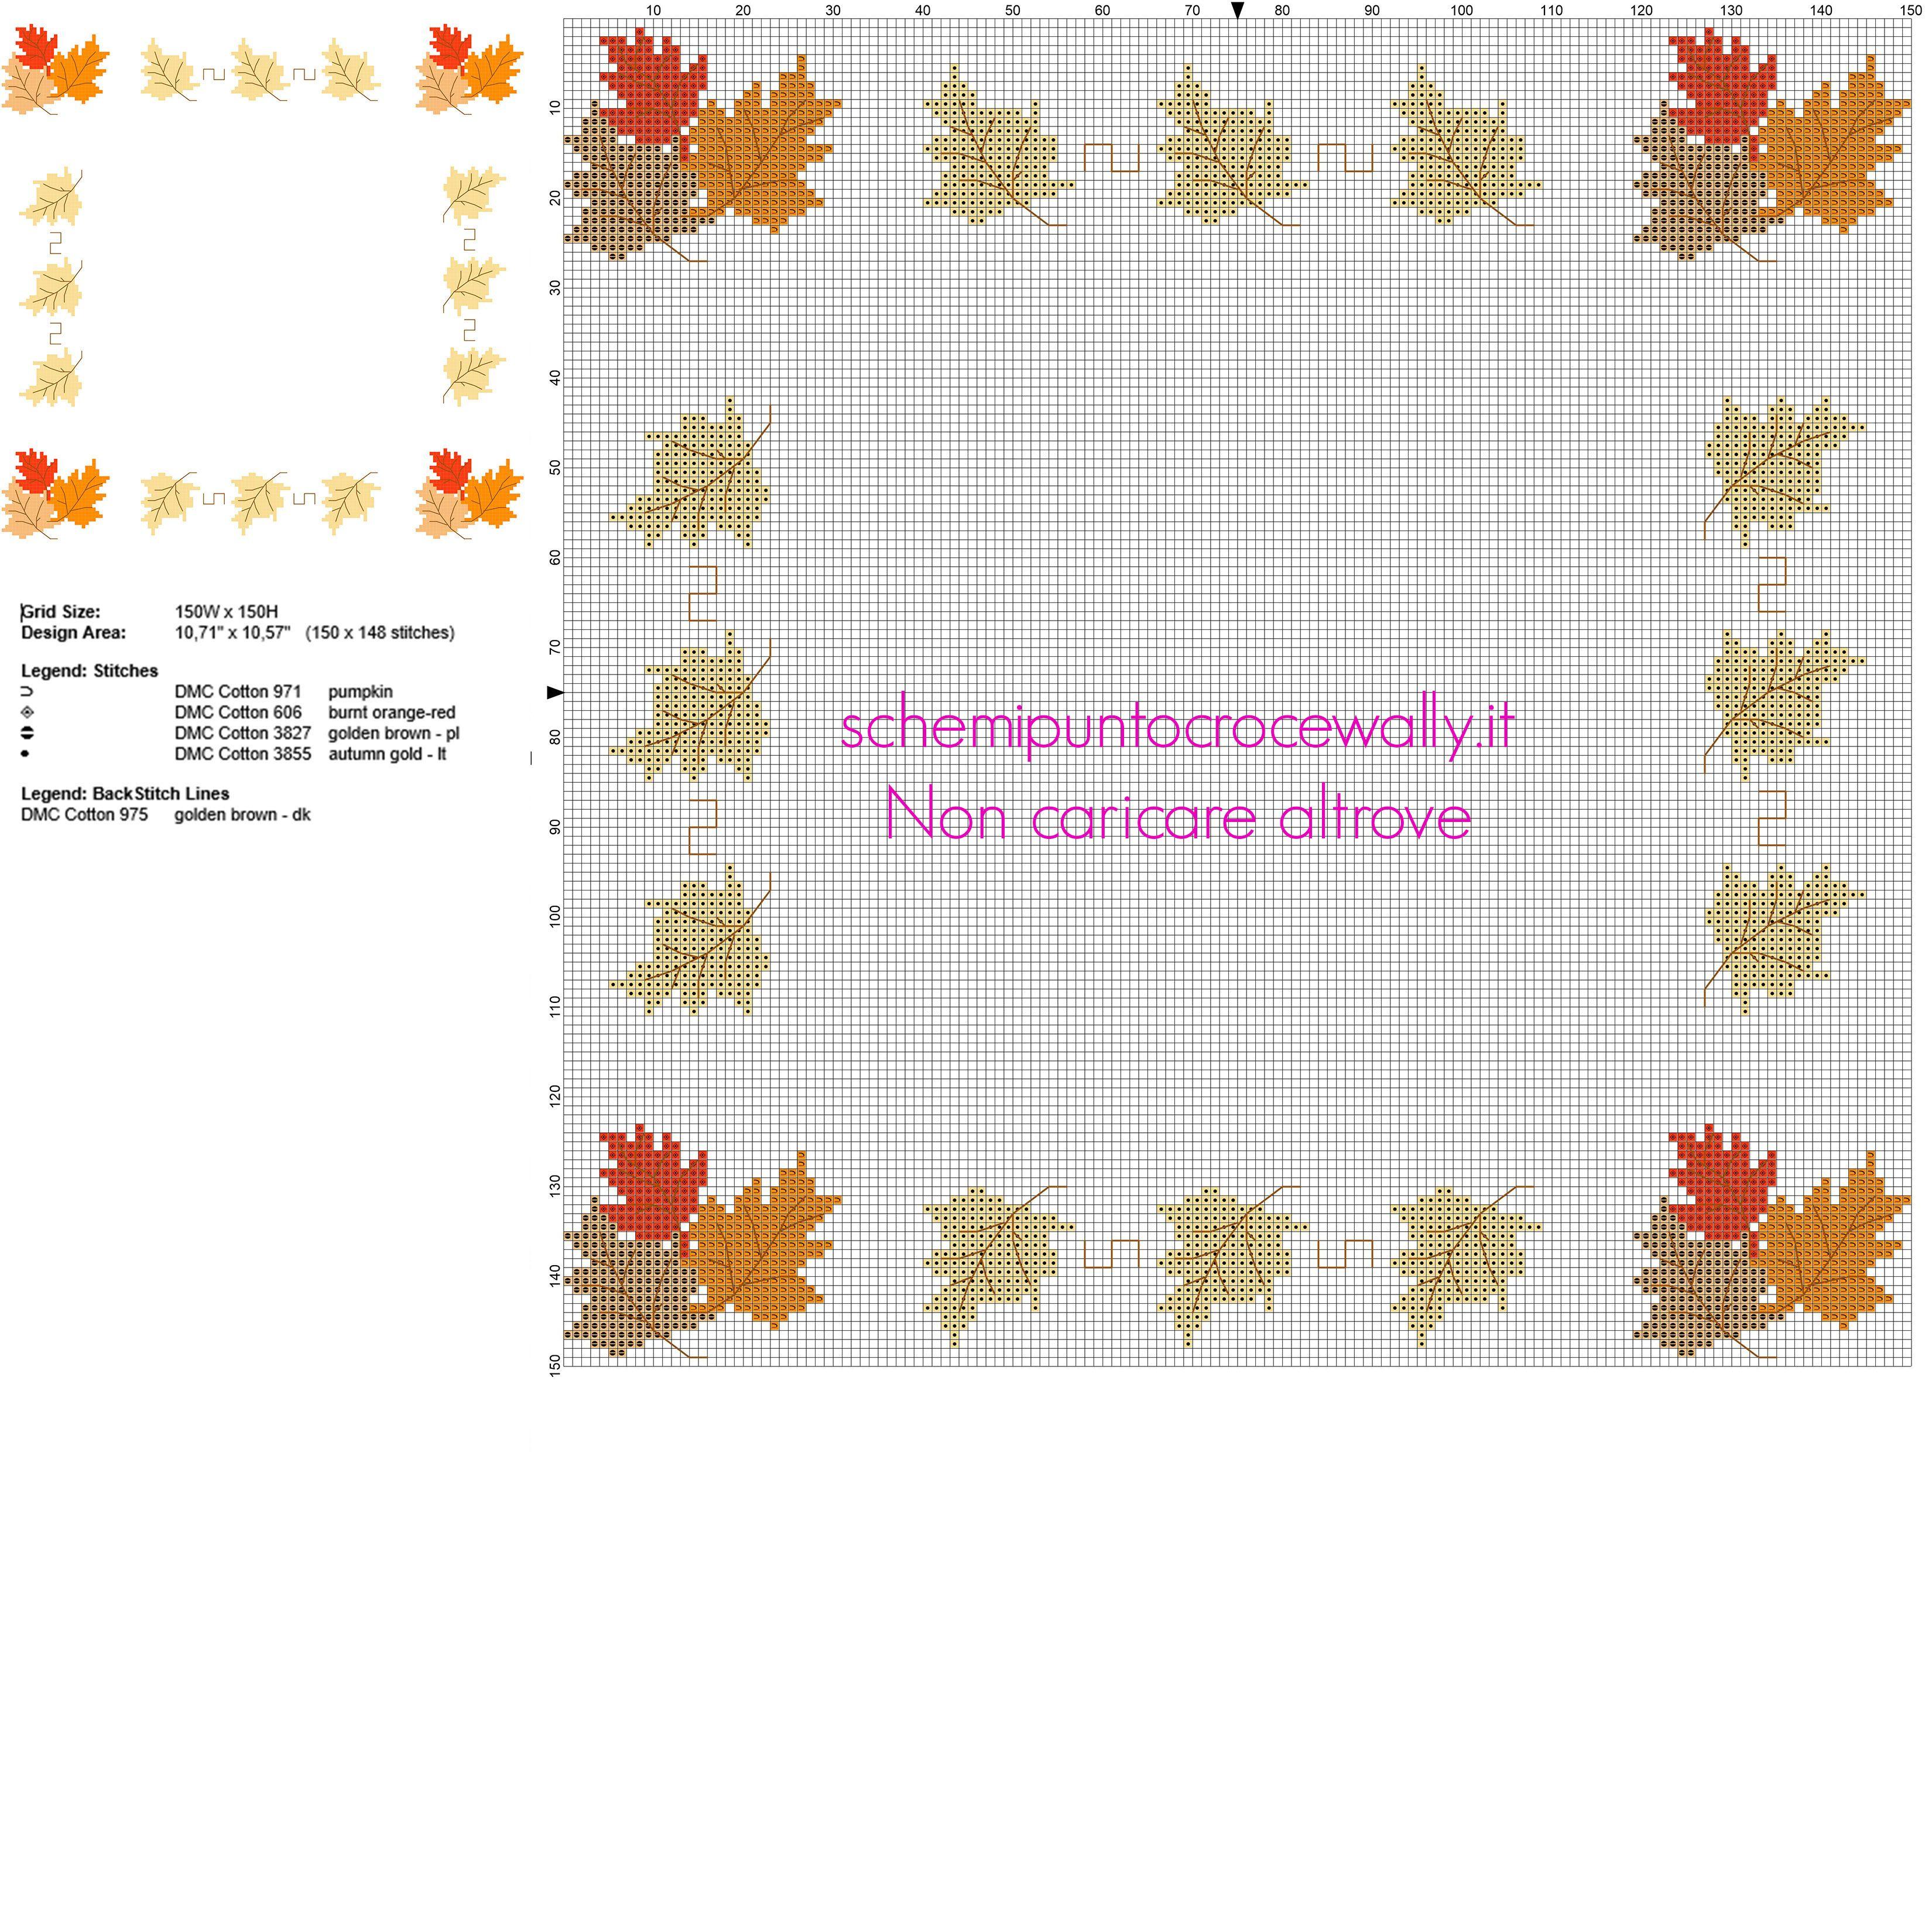 Schema gratis bordo punto croce con foglie autunnali for Schemi a punto croce gratis